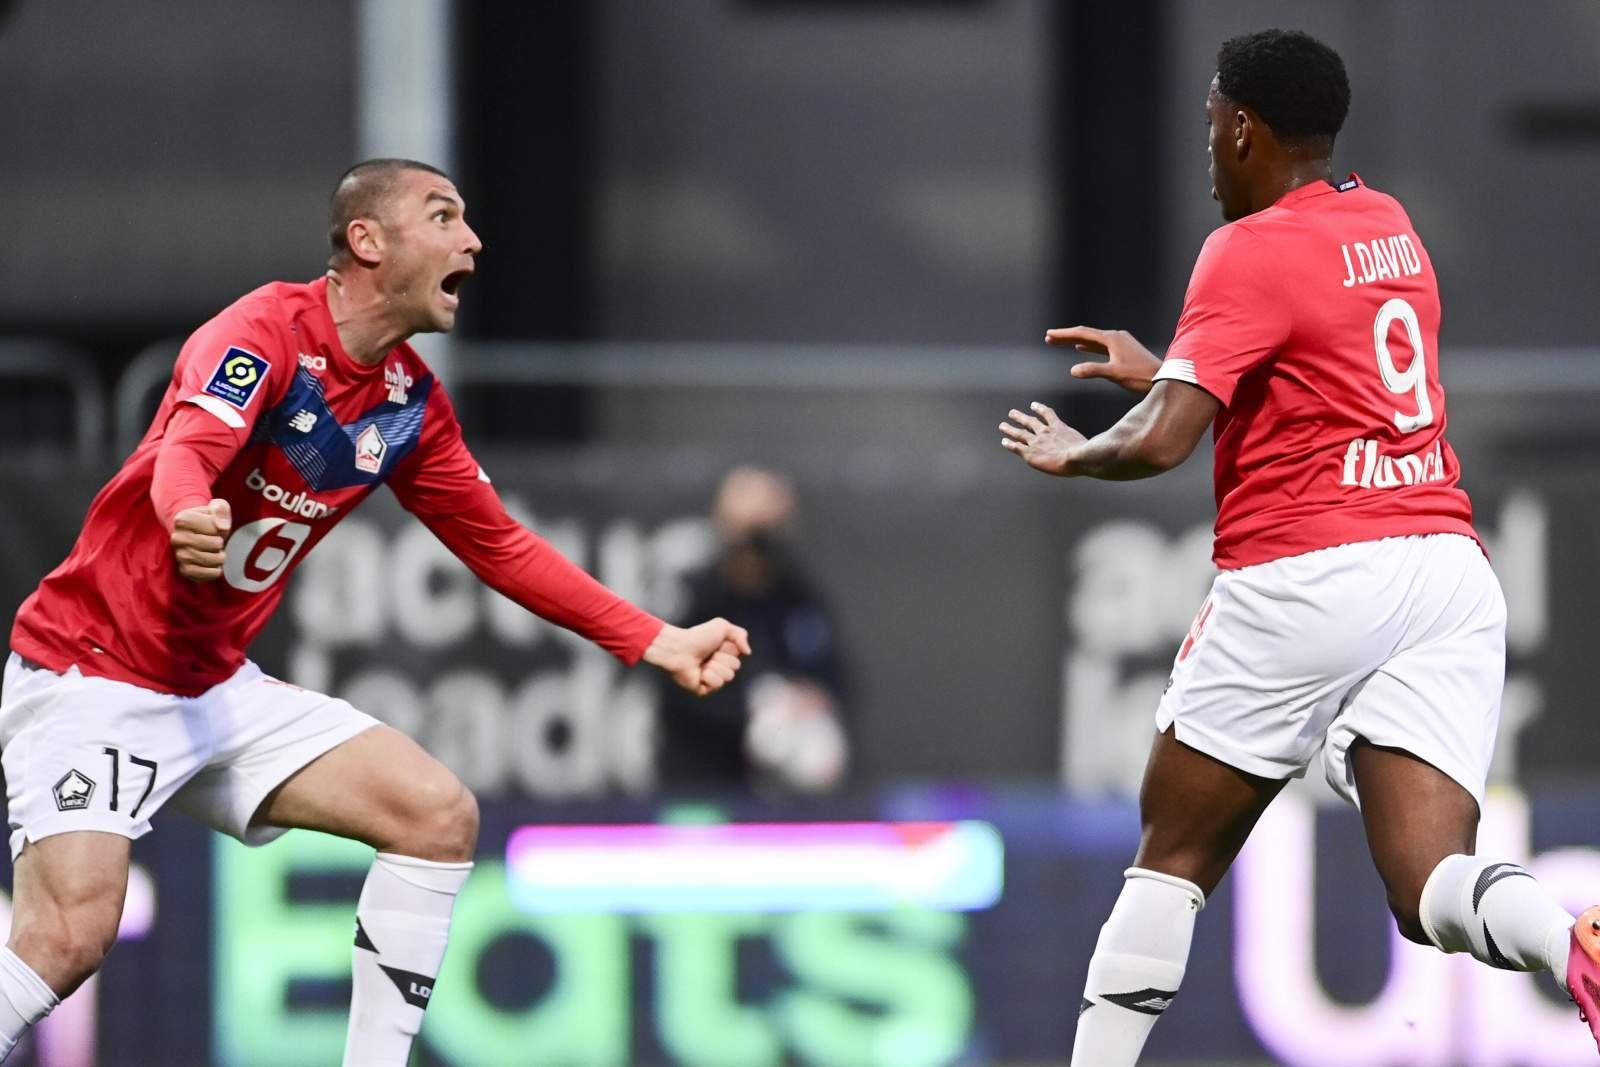 Как «ПСЖ» проиграл матч за первый трофей нового сезона - видео